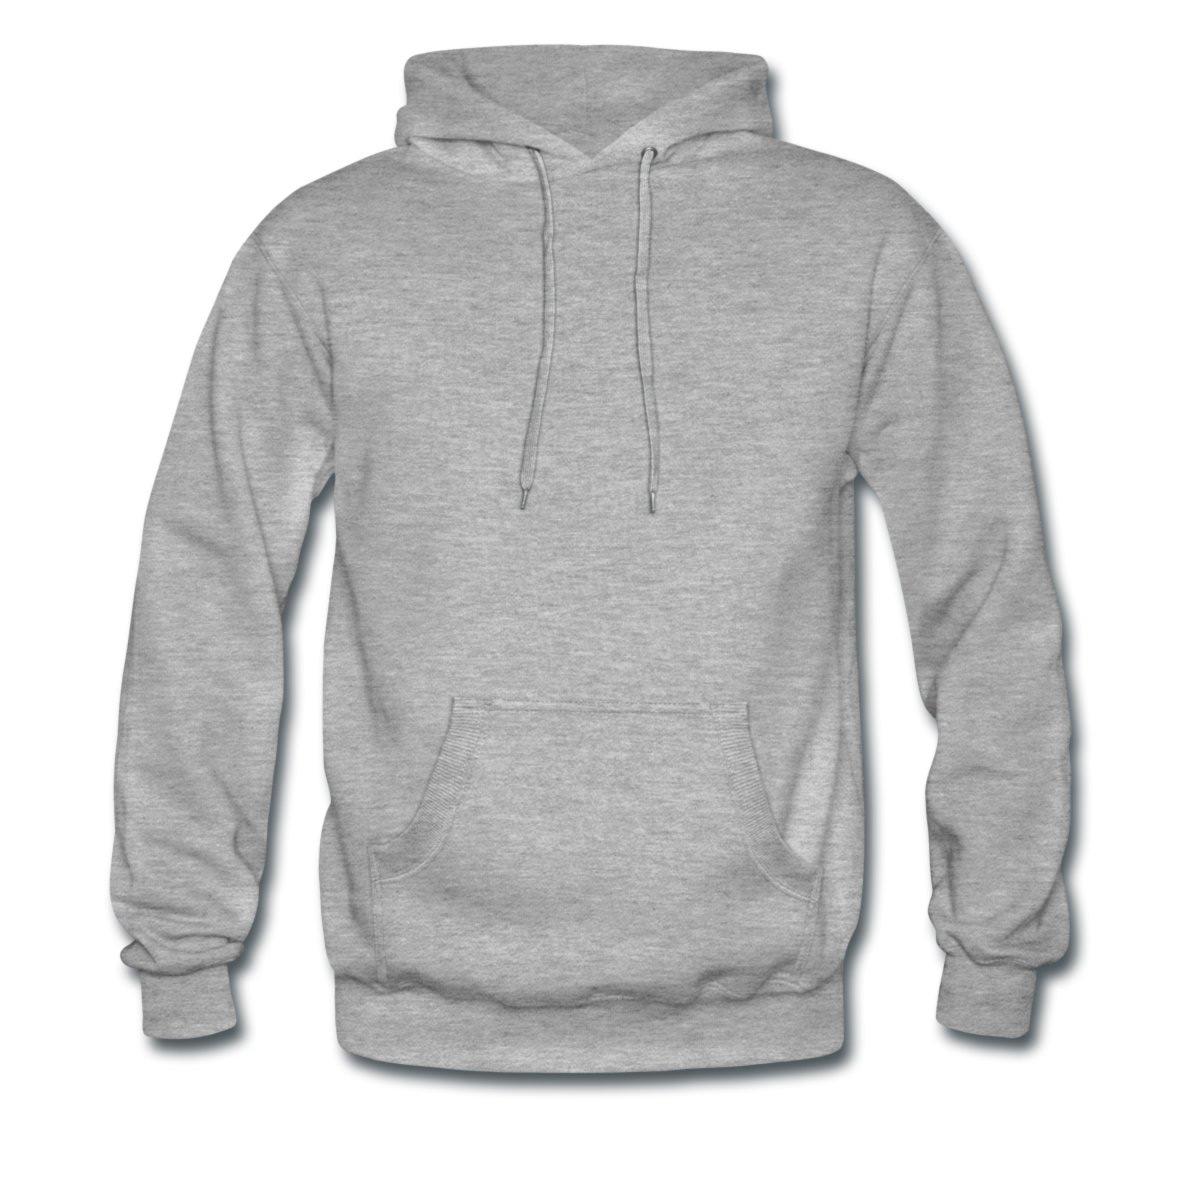 594c42f18e26 Herren shirts on-line kaufen günstige mode bei kik. Shirts für herren  günstig bei kik! Günstige tshirts und poloshirts für jeden anlass •  herrenmode und ...